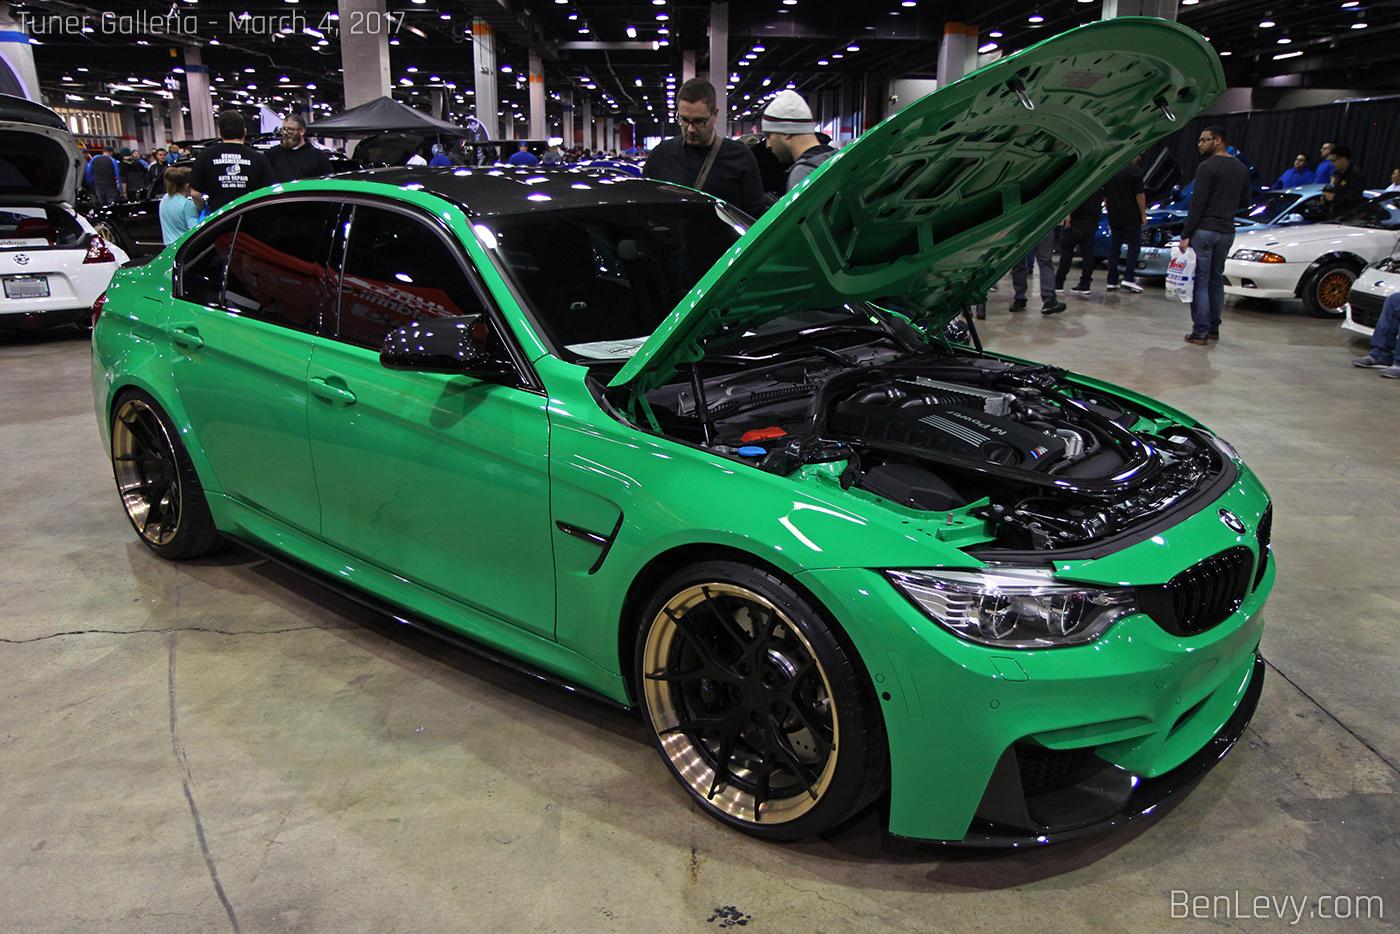 F80 BMW M3 in Signal Green